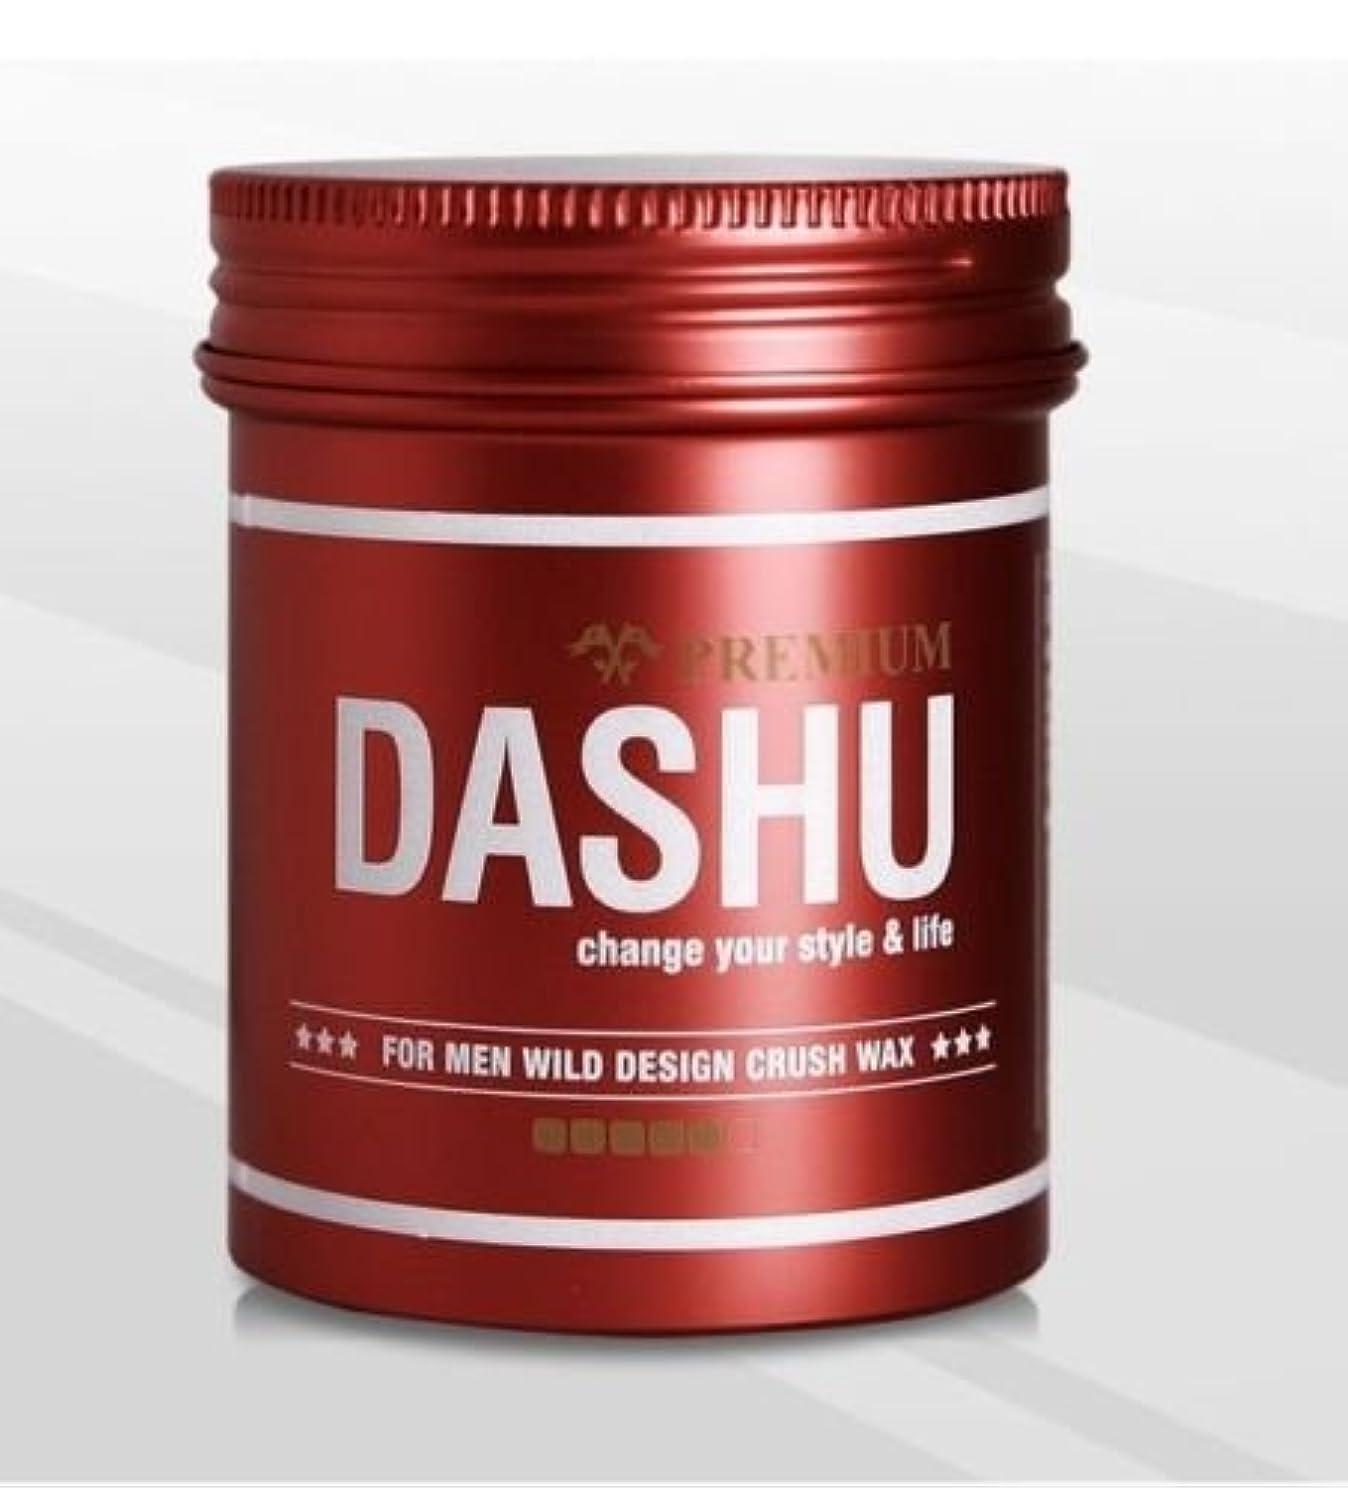 移動テロリスト音声学[DASHU] ダシュ For Men男性用 プレミアムワイルドデザインクラッシュワックス Premium Wild Design Crush Hair Wax 100ml / 韓国製 . 韓国直送品